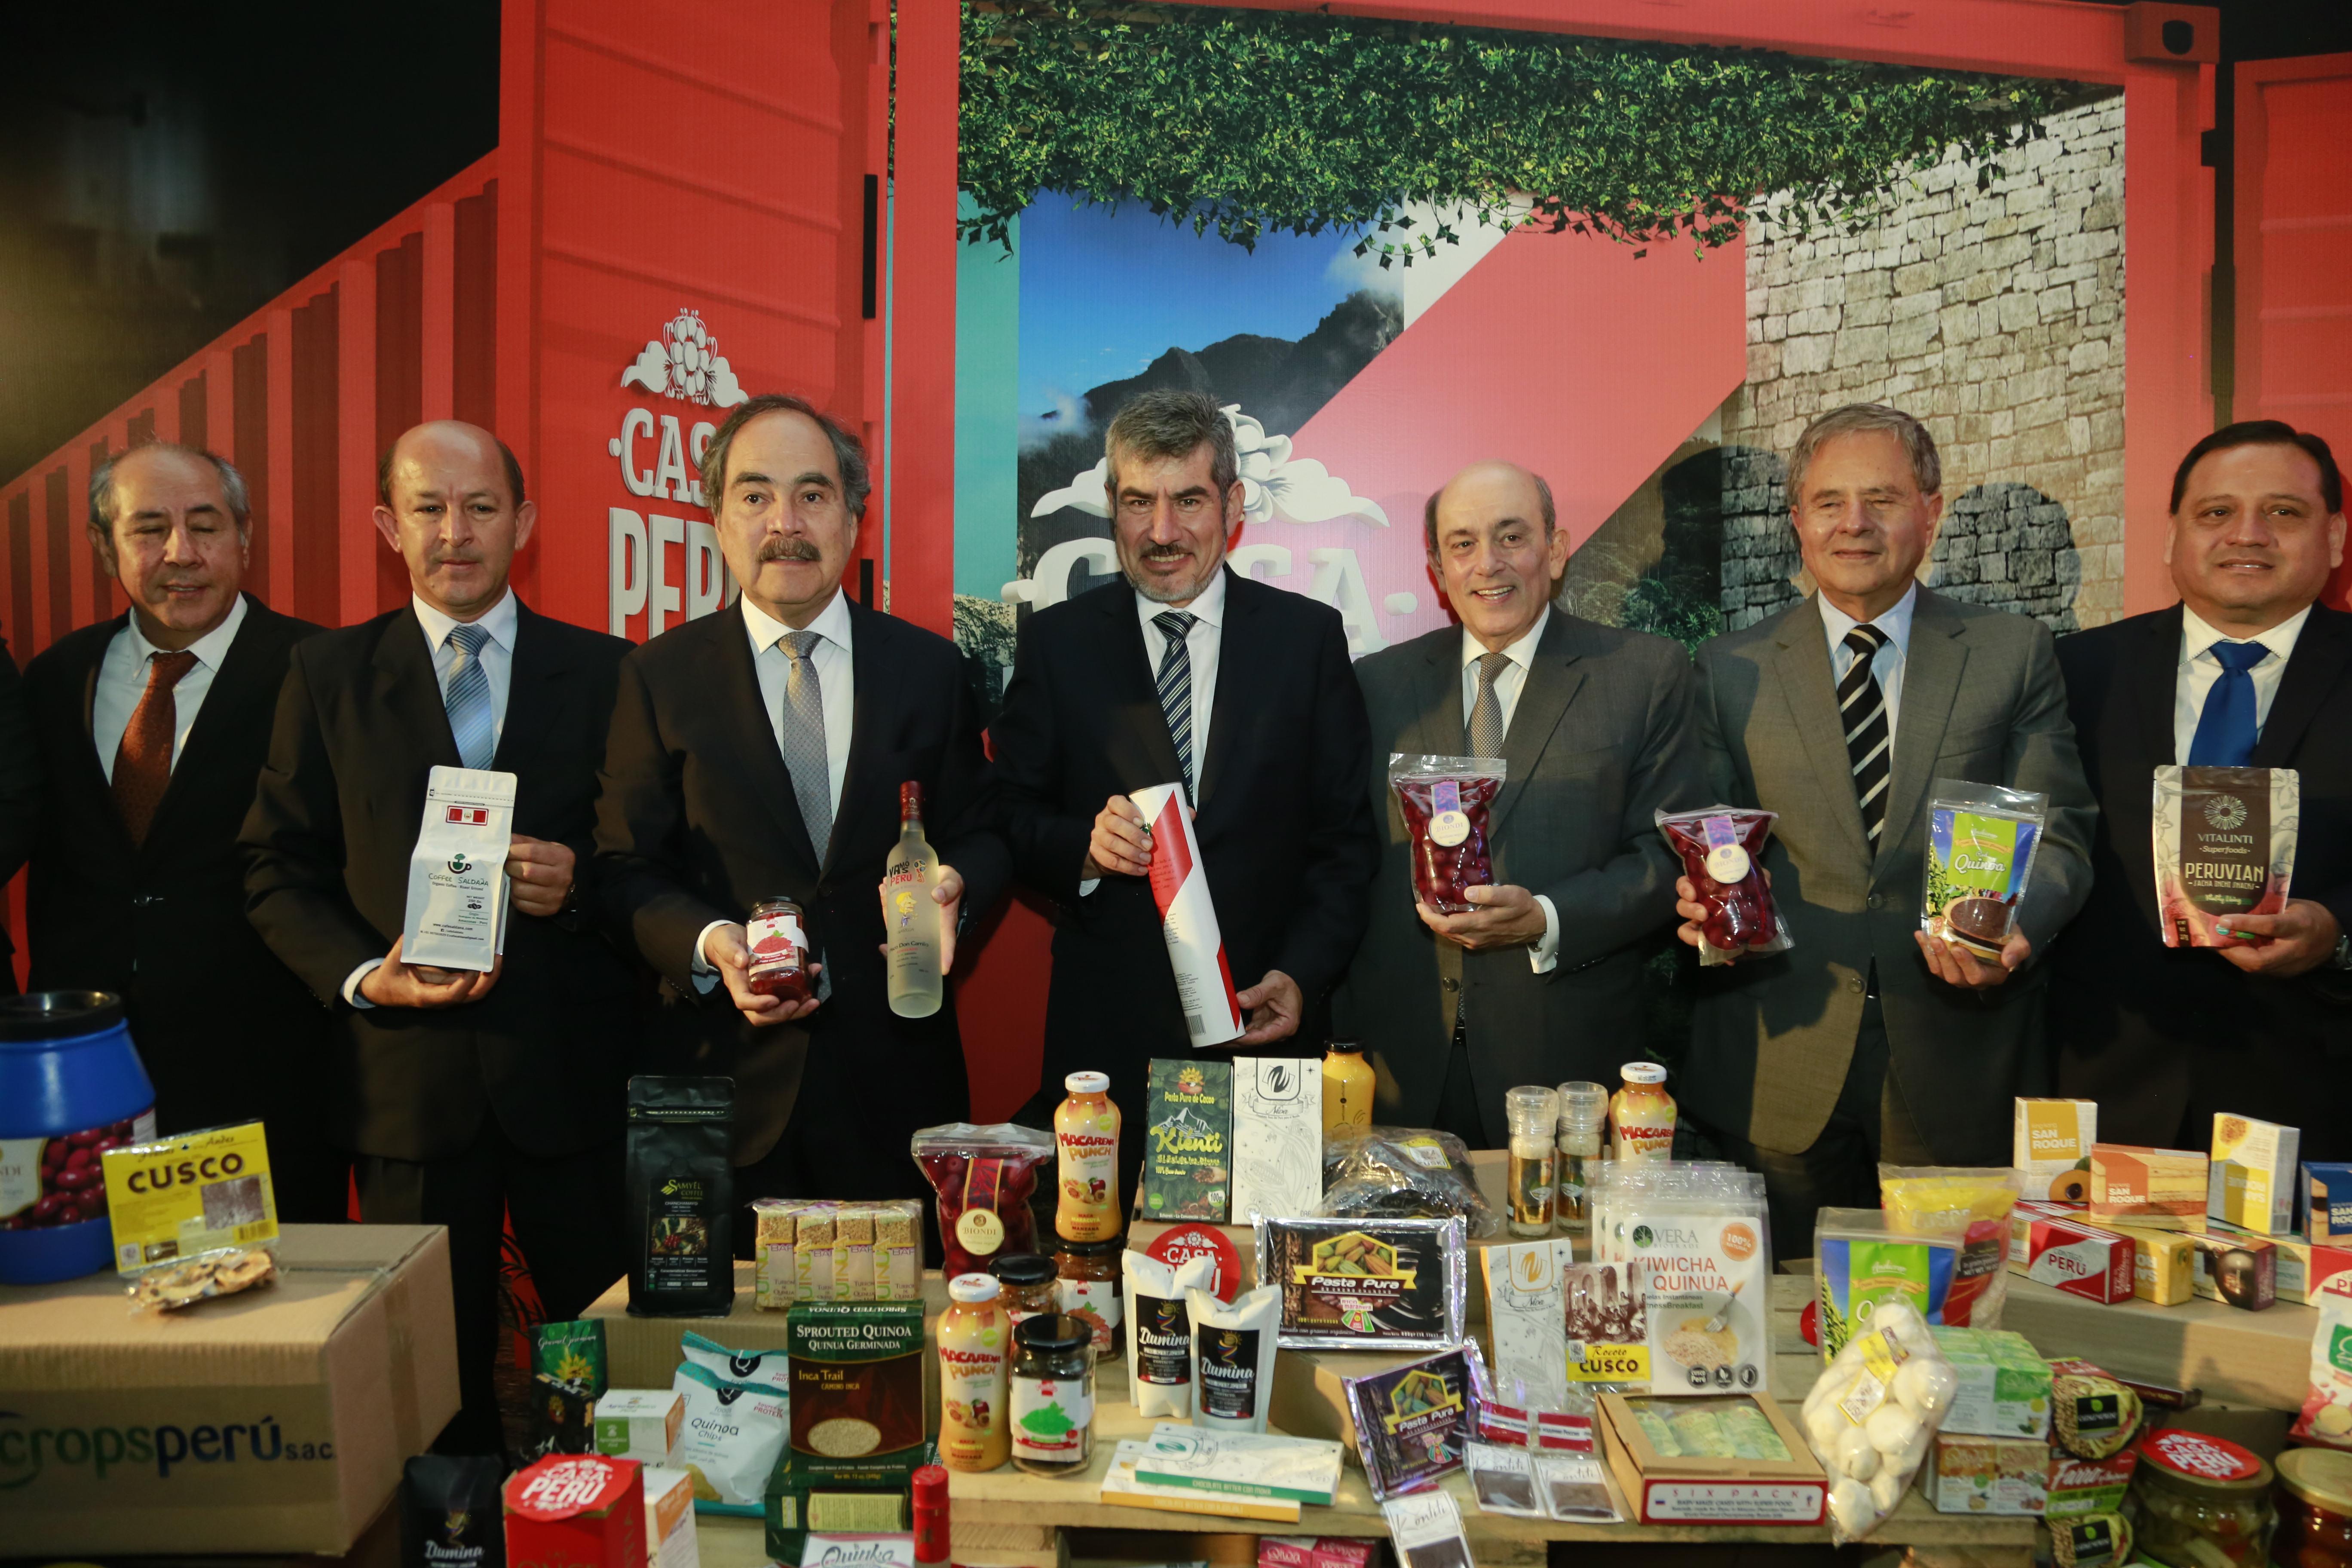 Casa Perú en Rusia 5 - Mundial Rusia 2018: Casa Perú exhibirá más de 400 productos nativos en Moscú